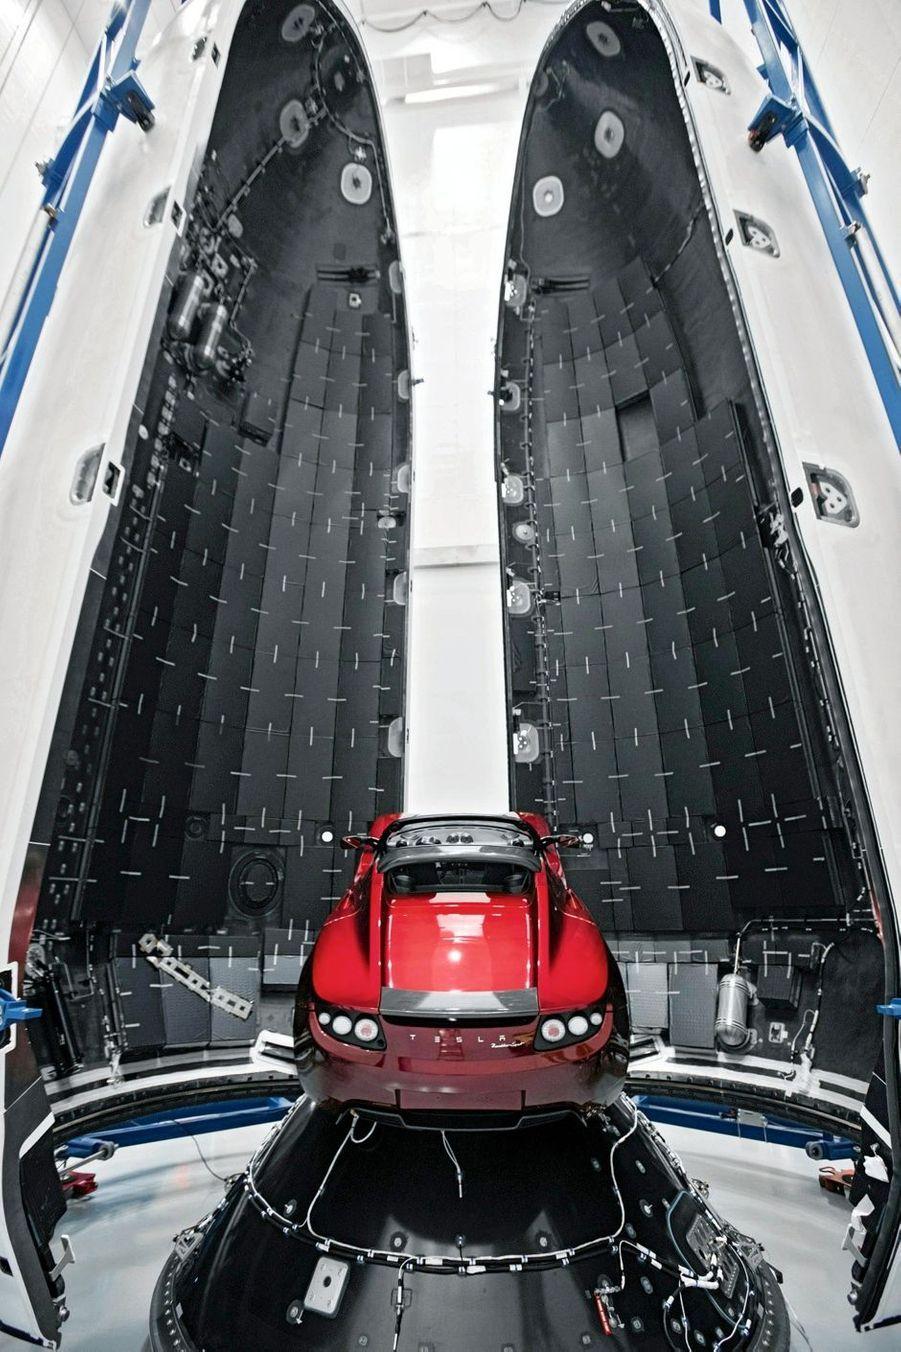 harge utile embarquée dans la fusée : la Tesla Roadster personnelle d'Elon Musk. Elle a une autonomie de 370 kilomètres et une vitesse de pointe de 212 km/h. Un ovni condamné à dériver 1 milliard d'années.